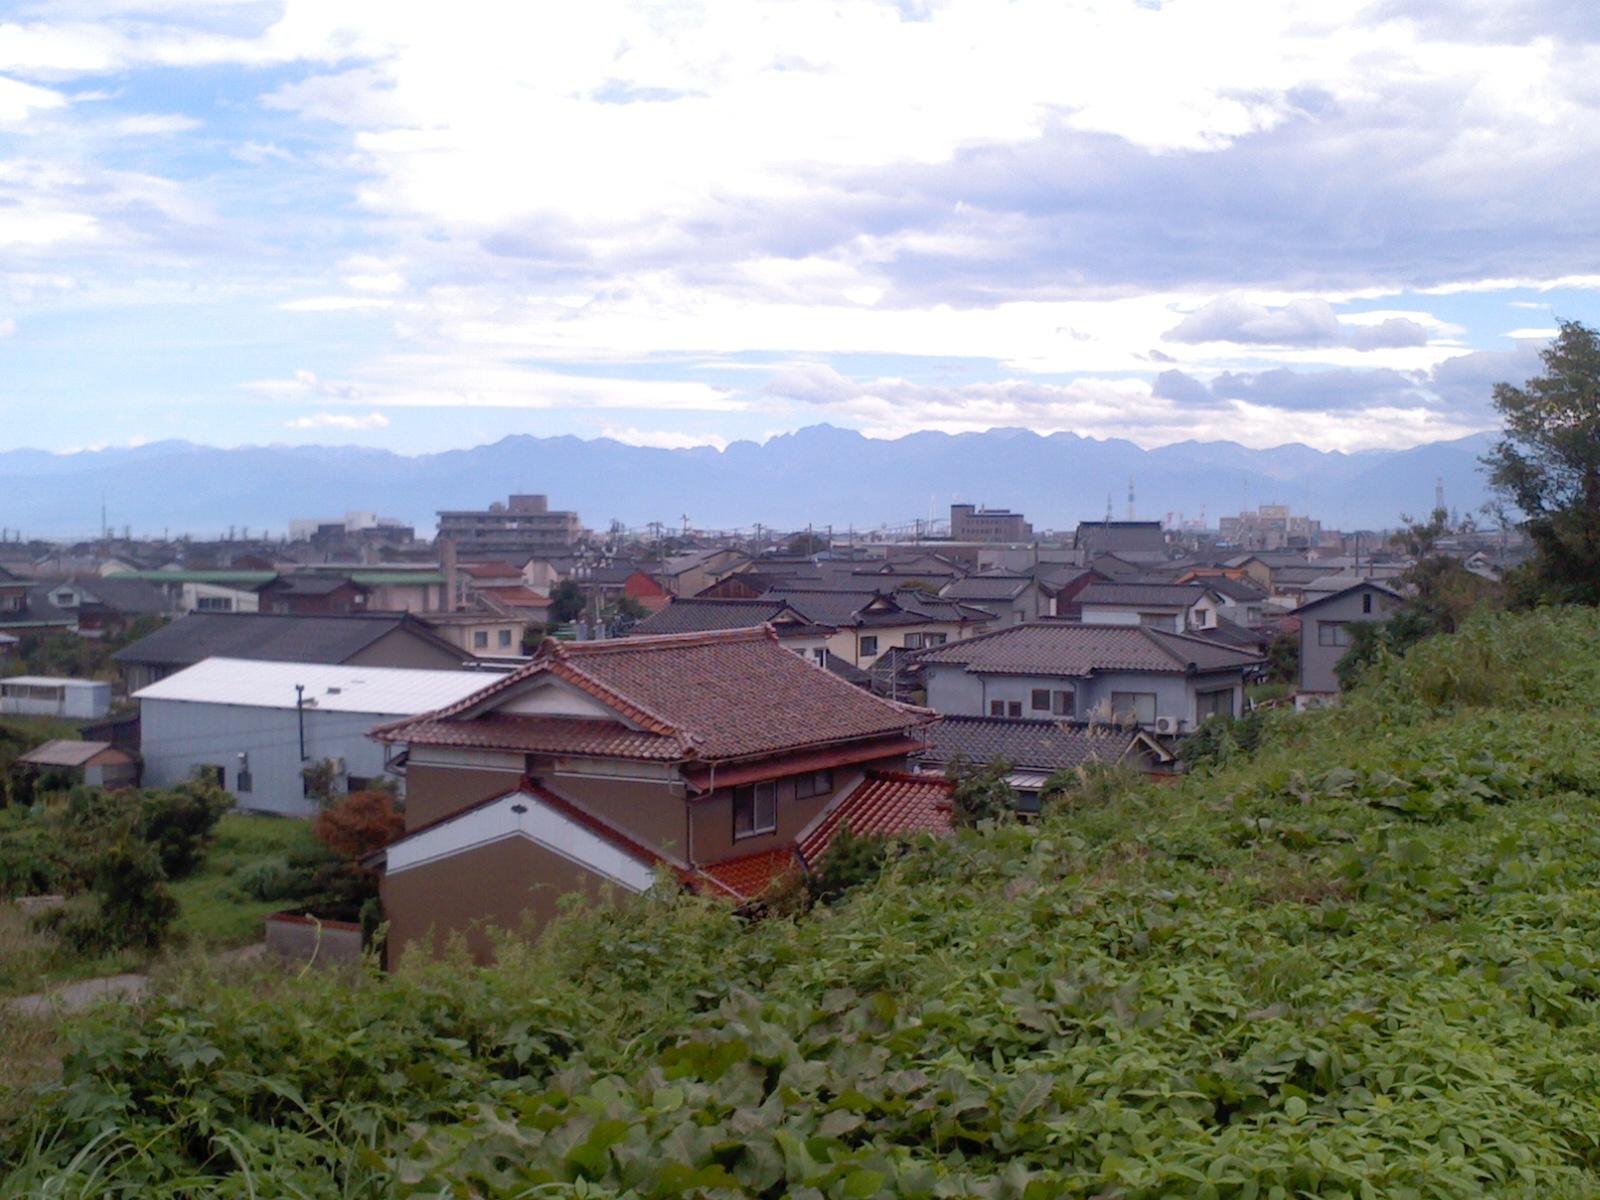 伏木の高台から_e0178600_20121647.jpg